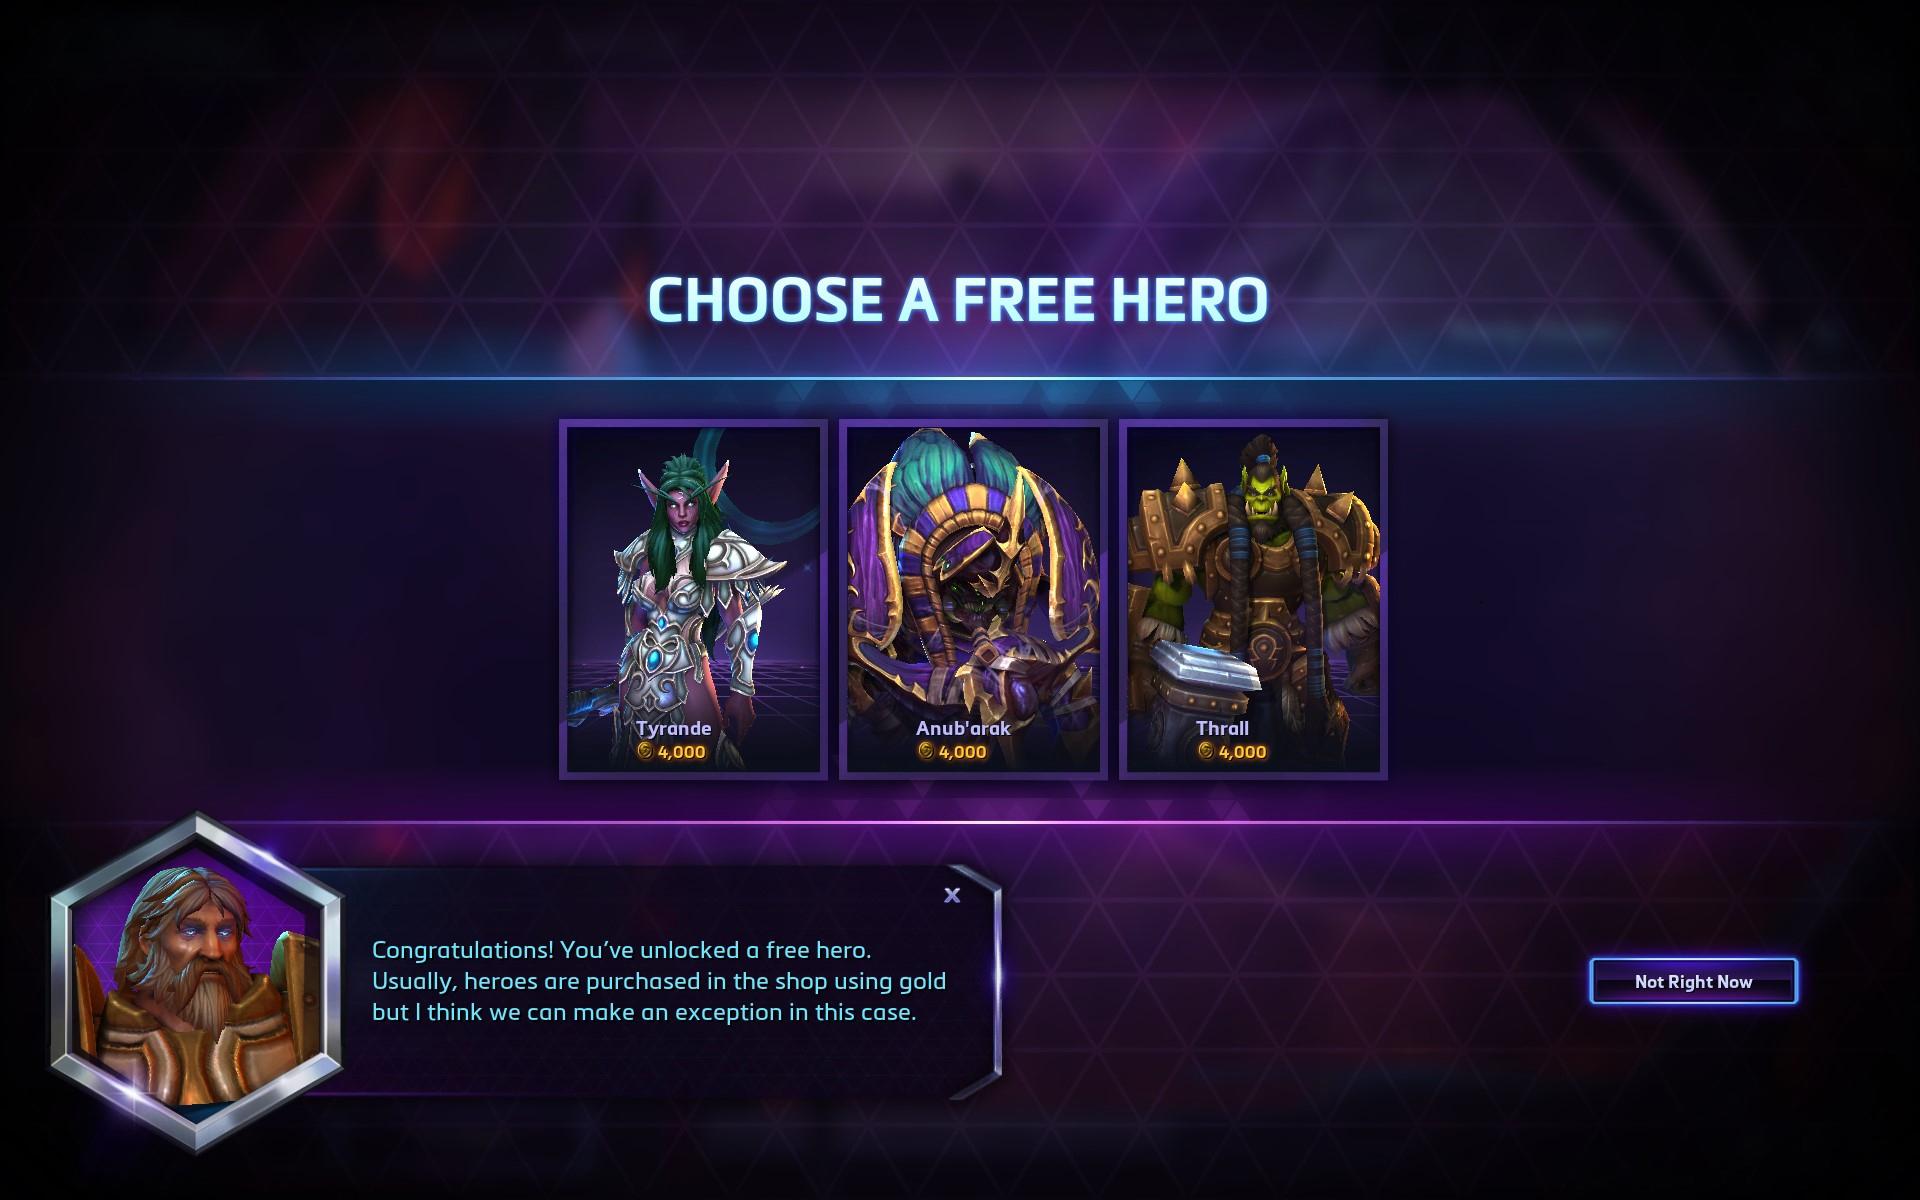 《风暴英雄》免费送英雄